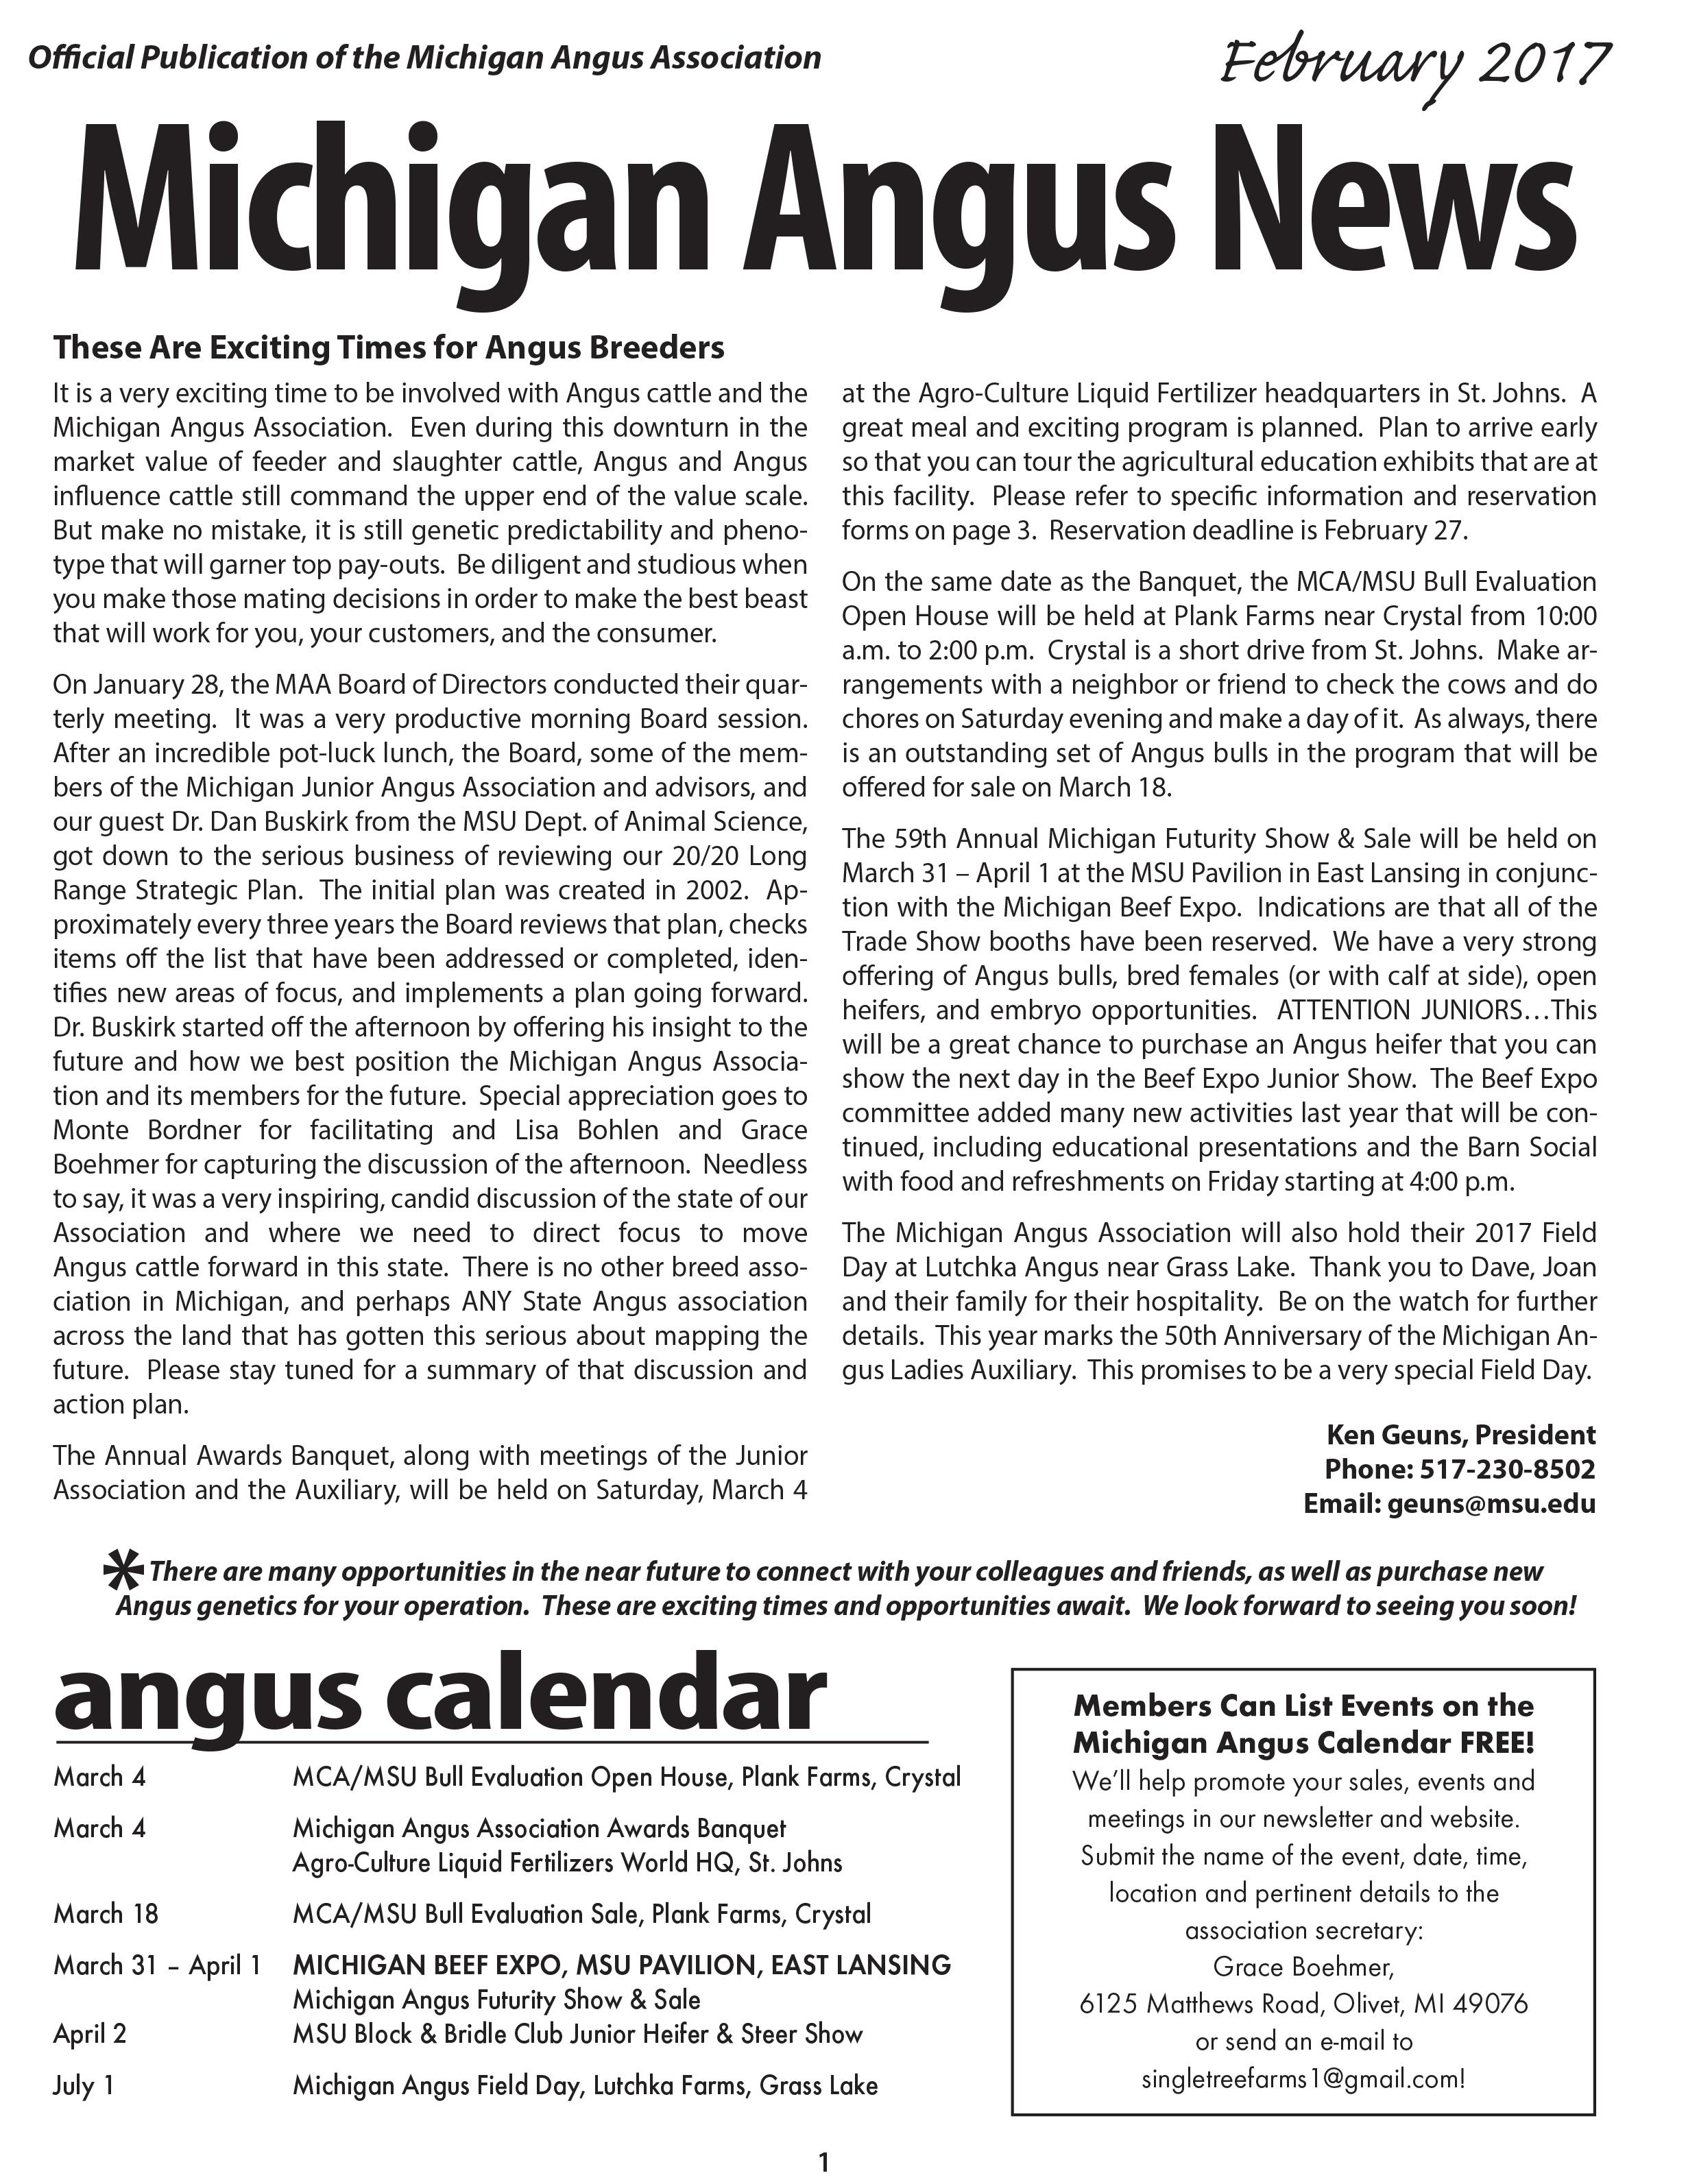 Michigan Angus News February 2017